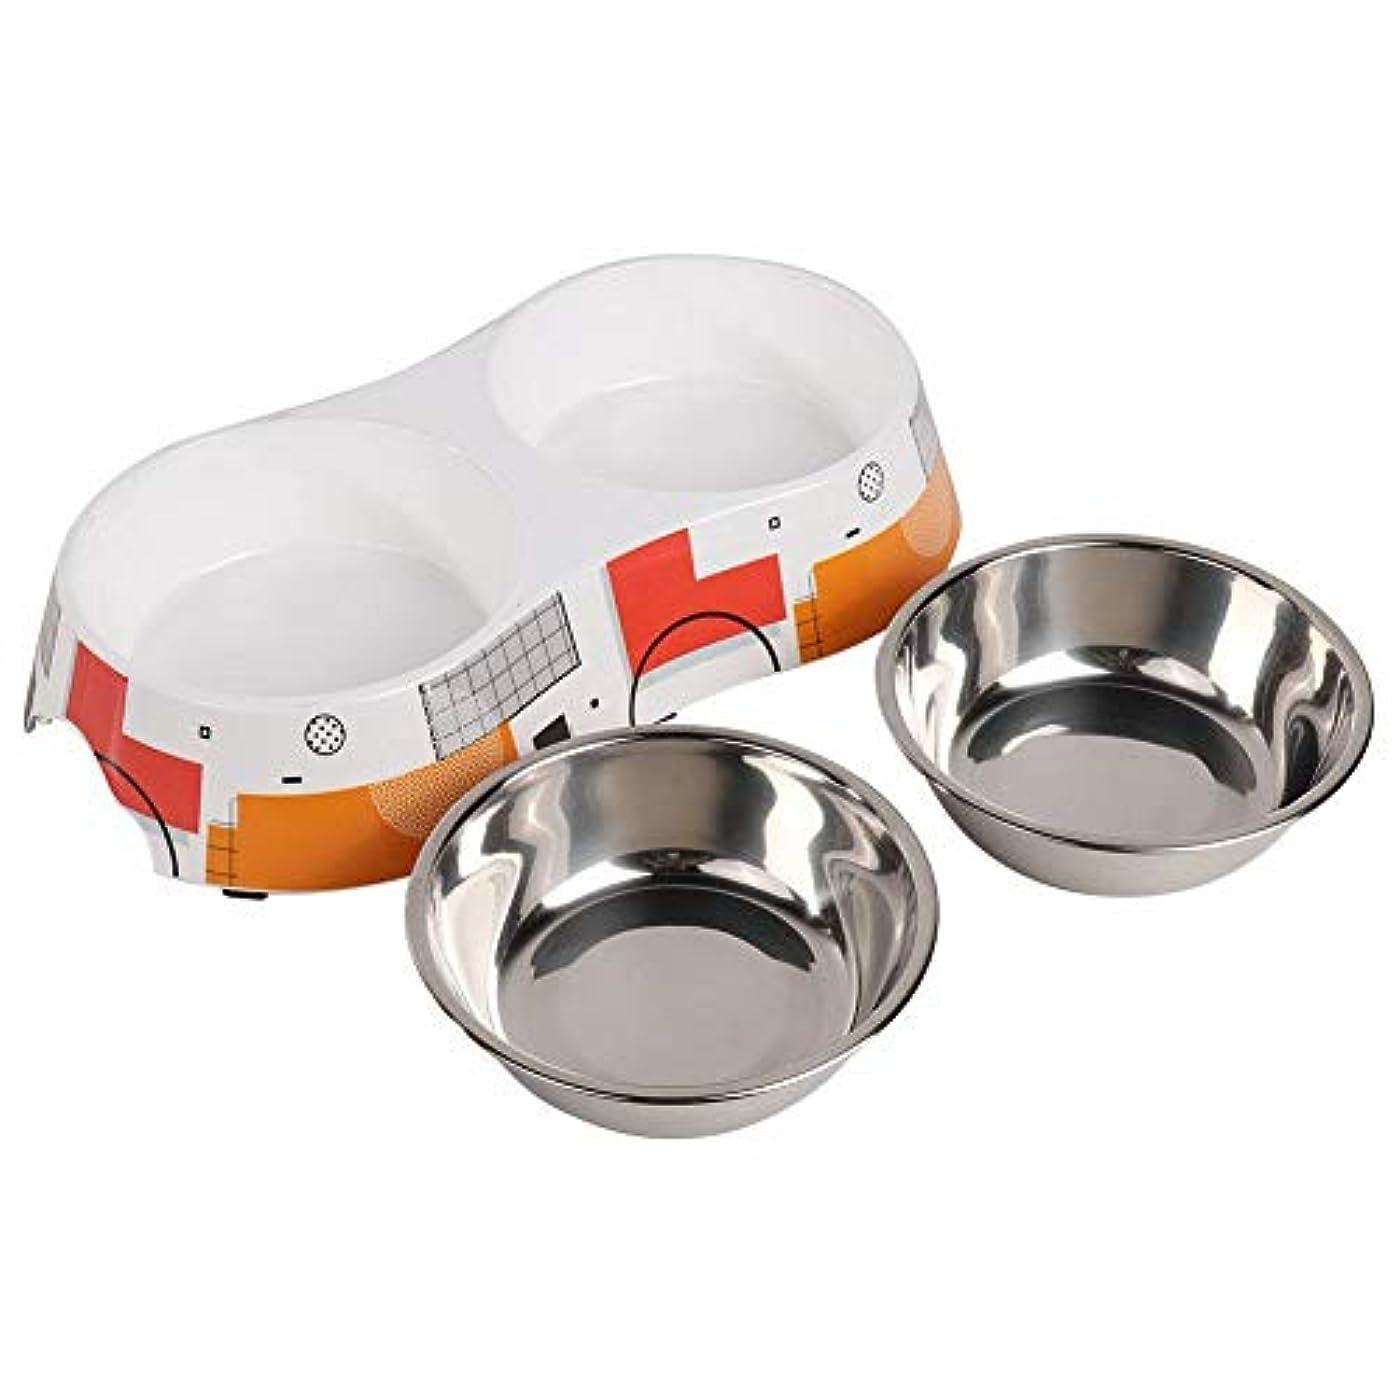 ペットボウル 犬 食器 犬 餌入れ 皿 滑り止め こぼれ防止 ステンレス鋼